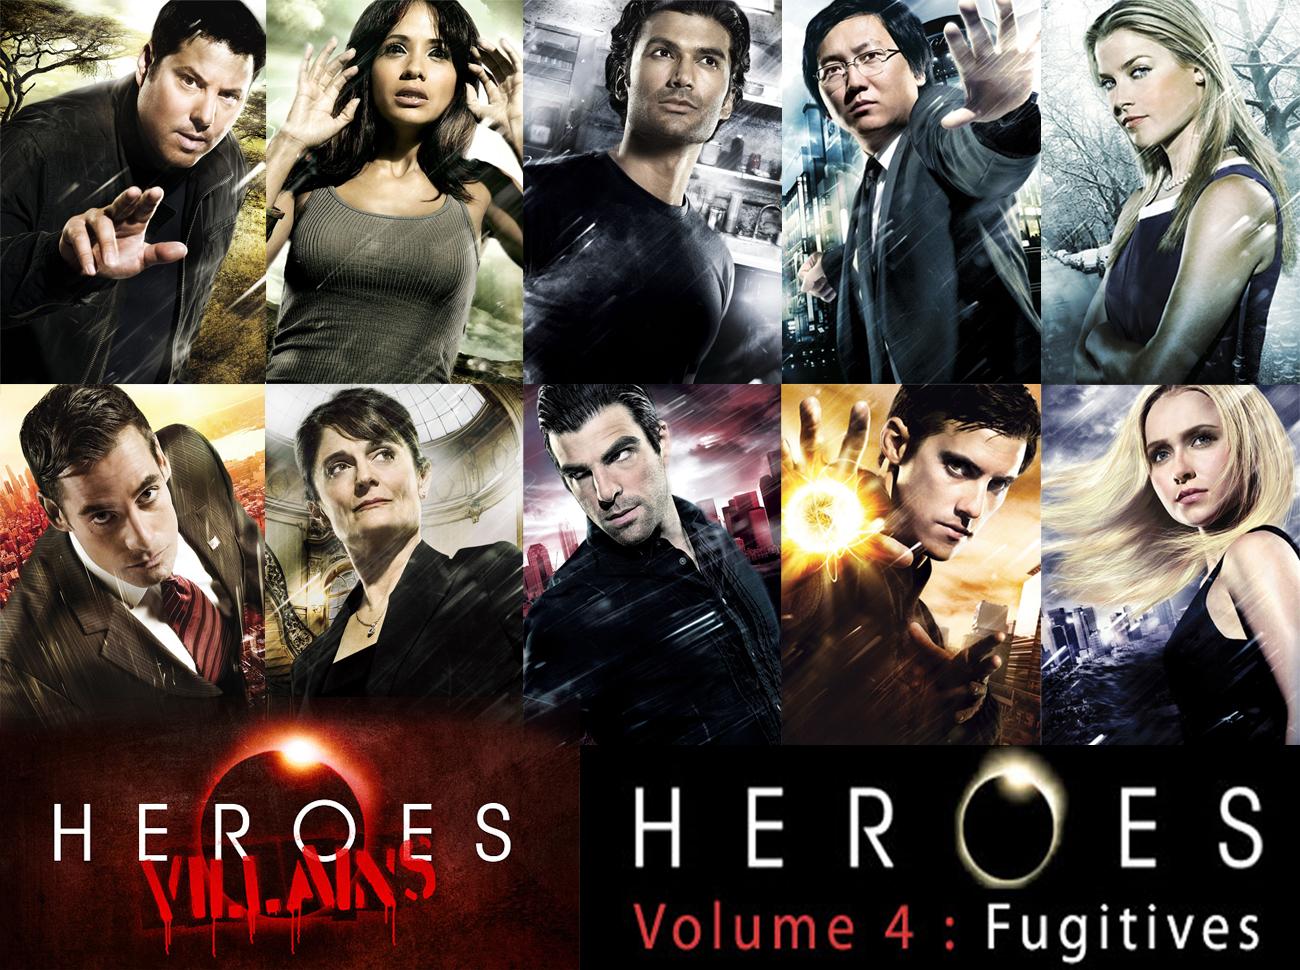 heroes s3 wallpaper - photo #16